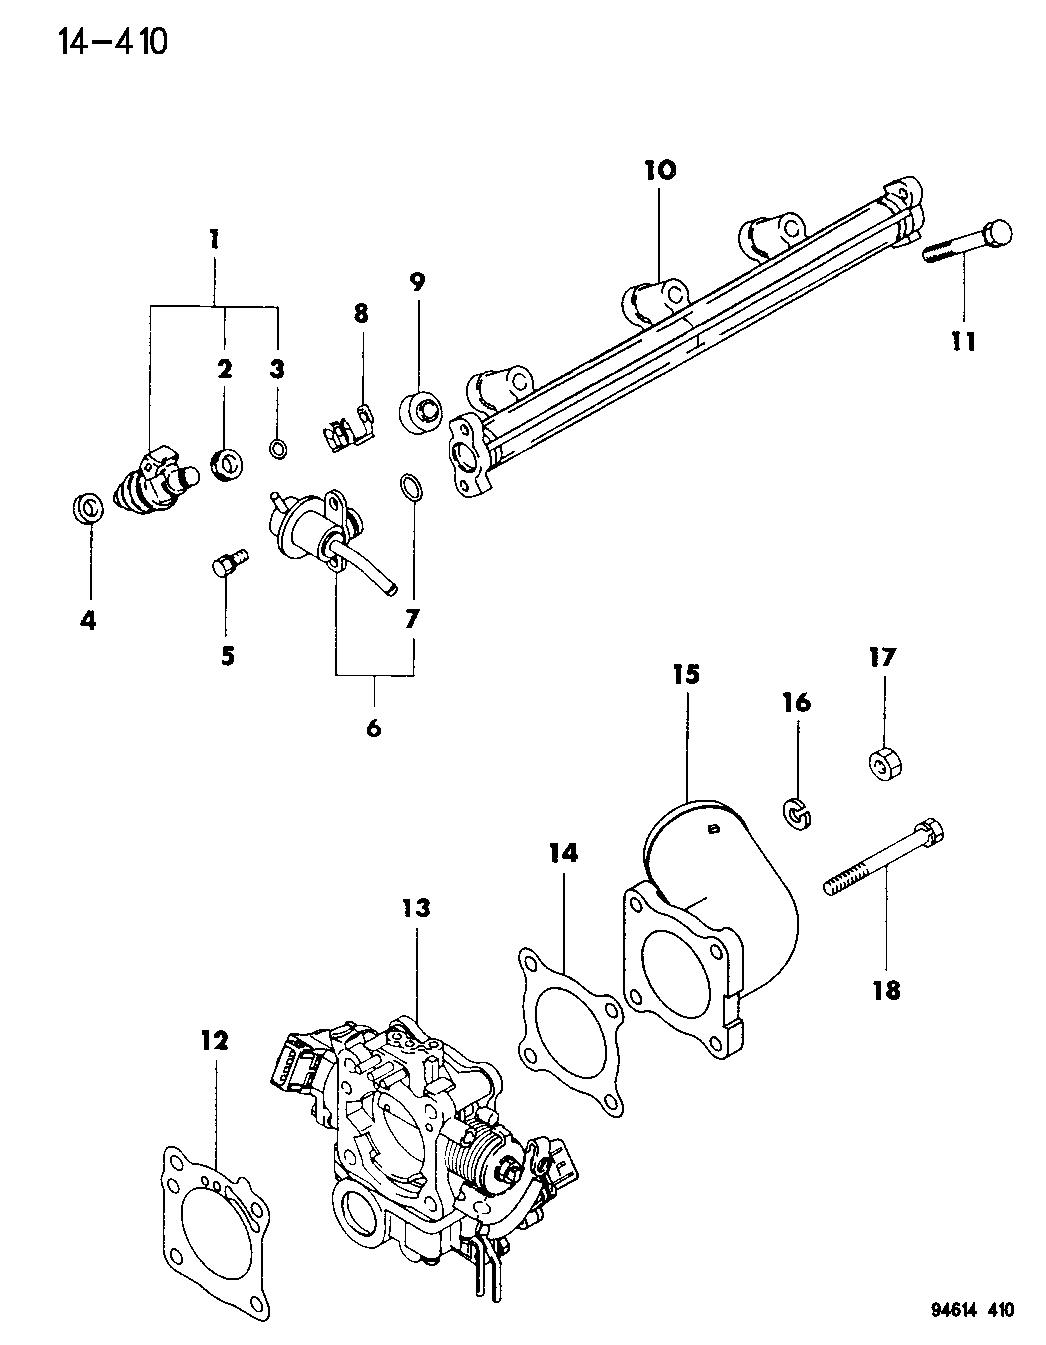 MD302262 - Genuine Mopar GASKET THROTTLE BODY AIR F